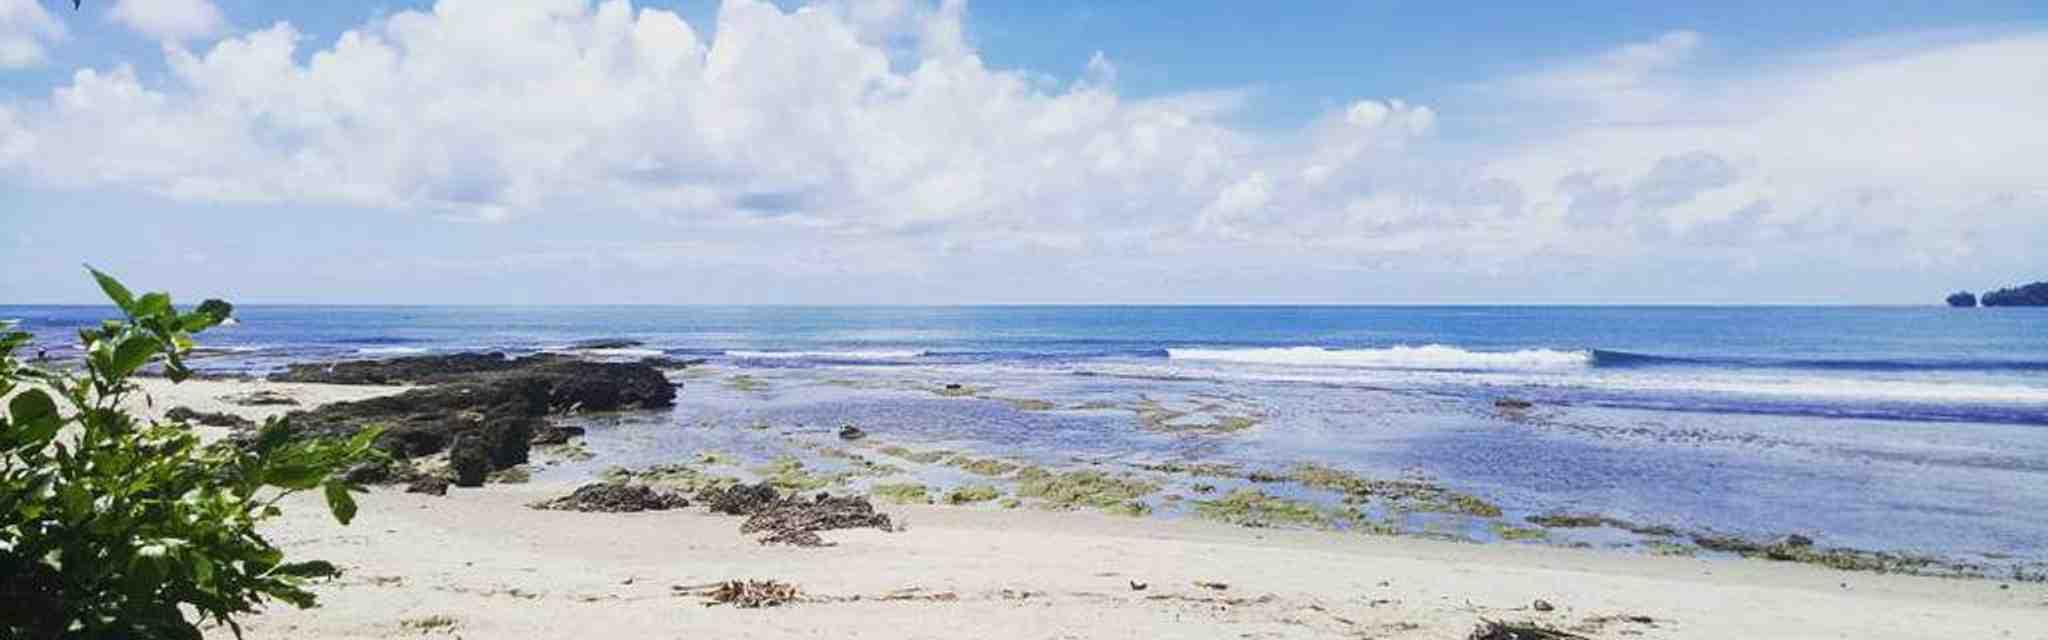 Pantai Dekat Bandung untuk Alternatif Liburan Seru